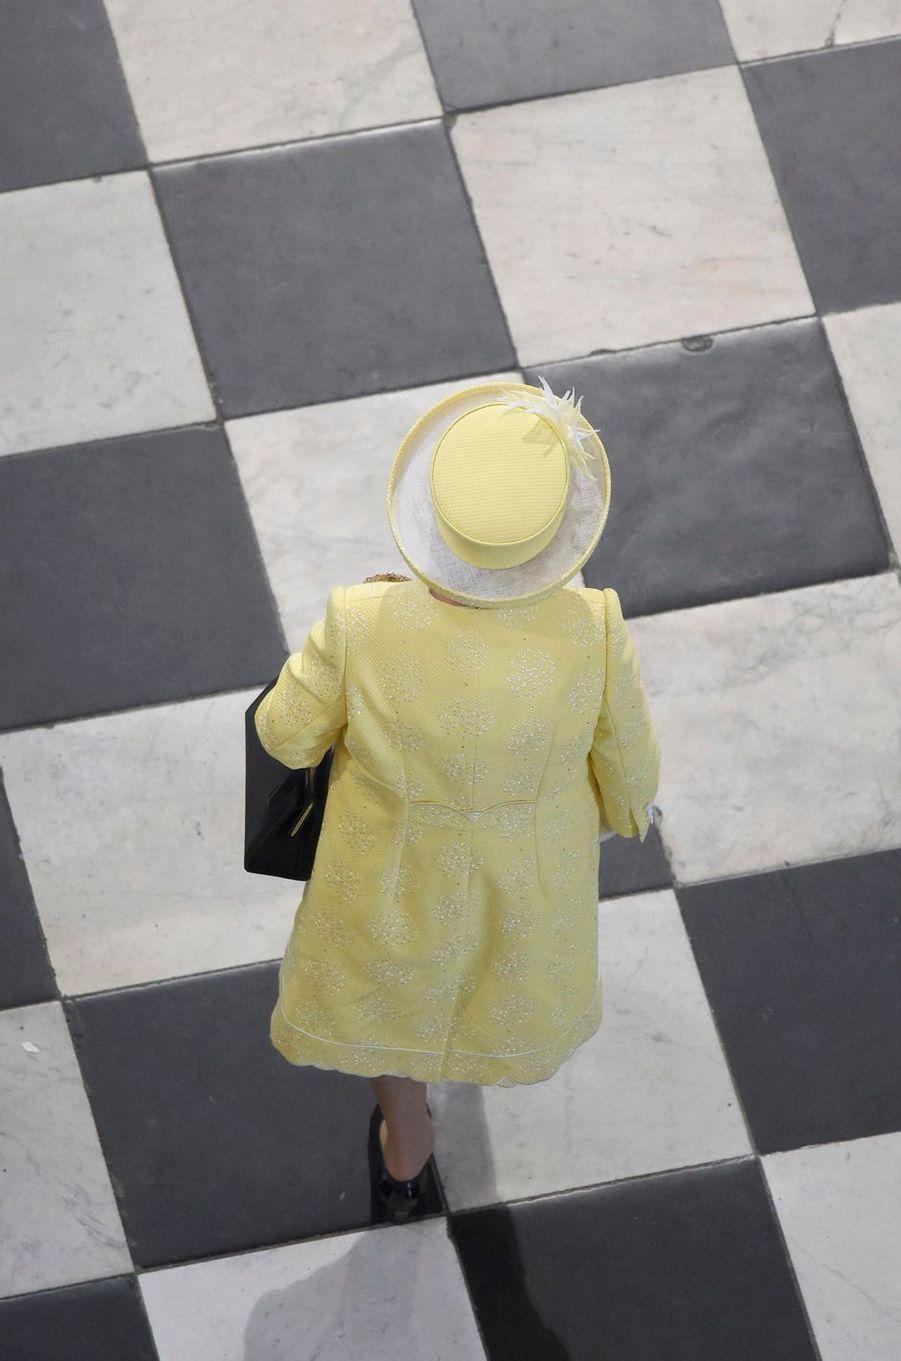 Ce vendredi 10 juin, la duchesse de Cambridge, née Kate Middleton, était aux côtés de la reine Elizabeth II et de la famille royale britannique à la cathédrale Saint-Paul à Londres pour le premier acte du long week-end de festivités des 90 ans de la souveraine.